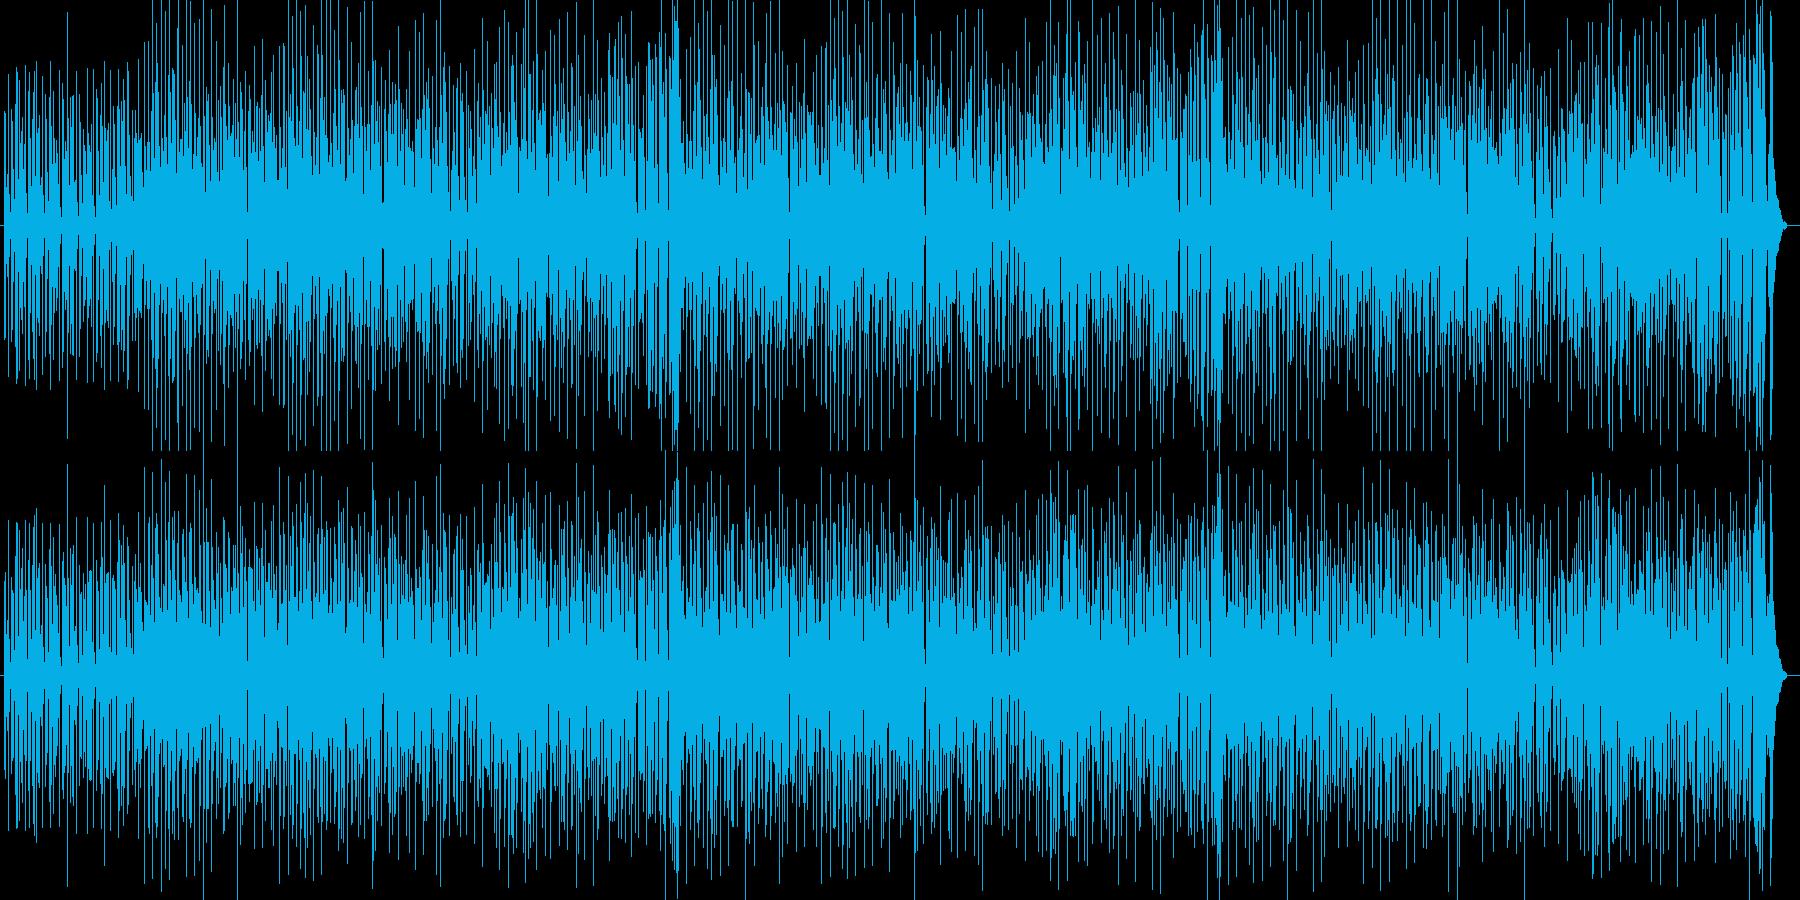 ほのぼの/まったりした日常シーンの劇伴の再生済みの波形